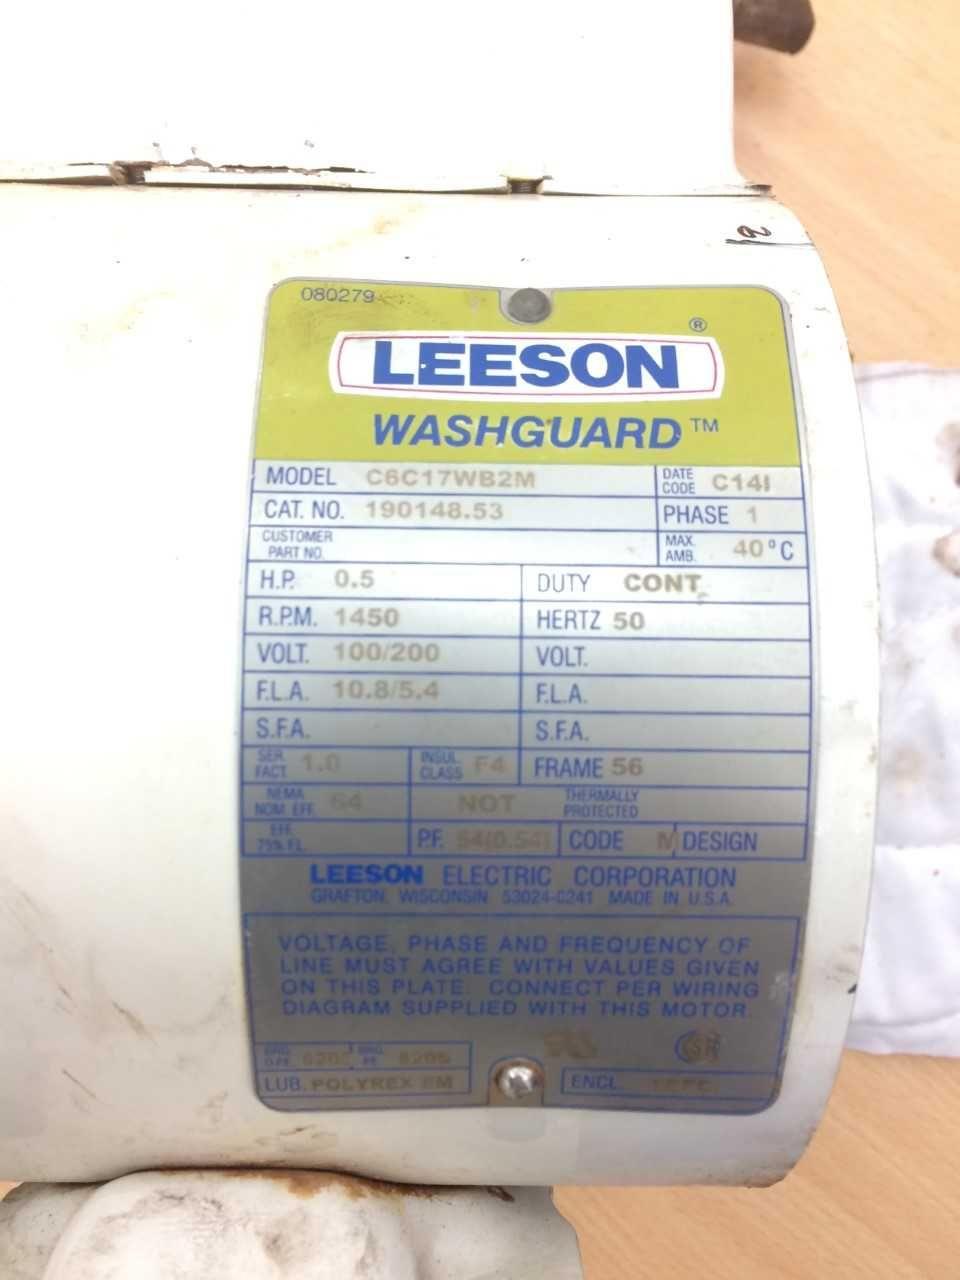 Leeson 190148 53 C6c17wb2m Washguard Motor Coding Motor Hertz